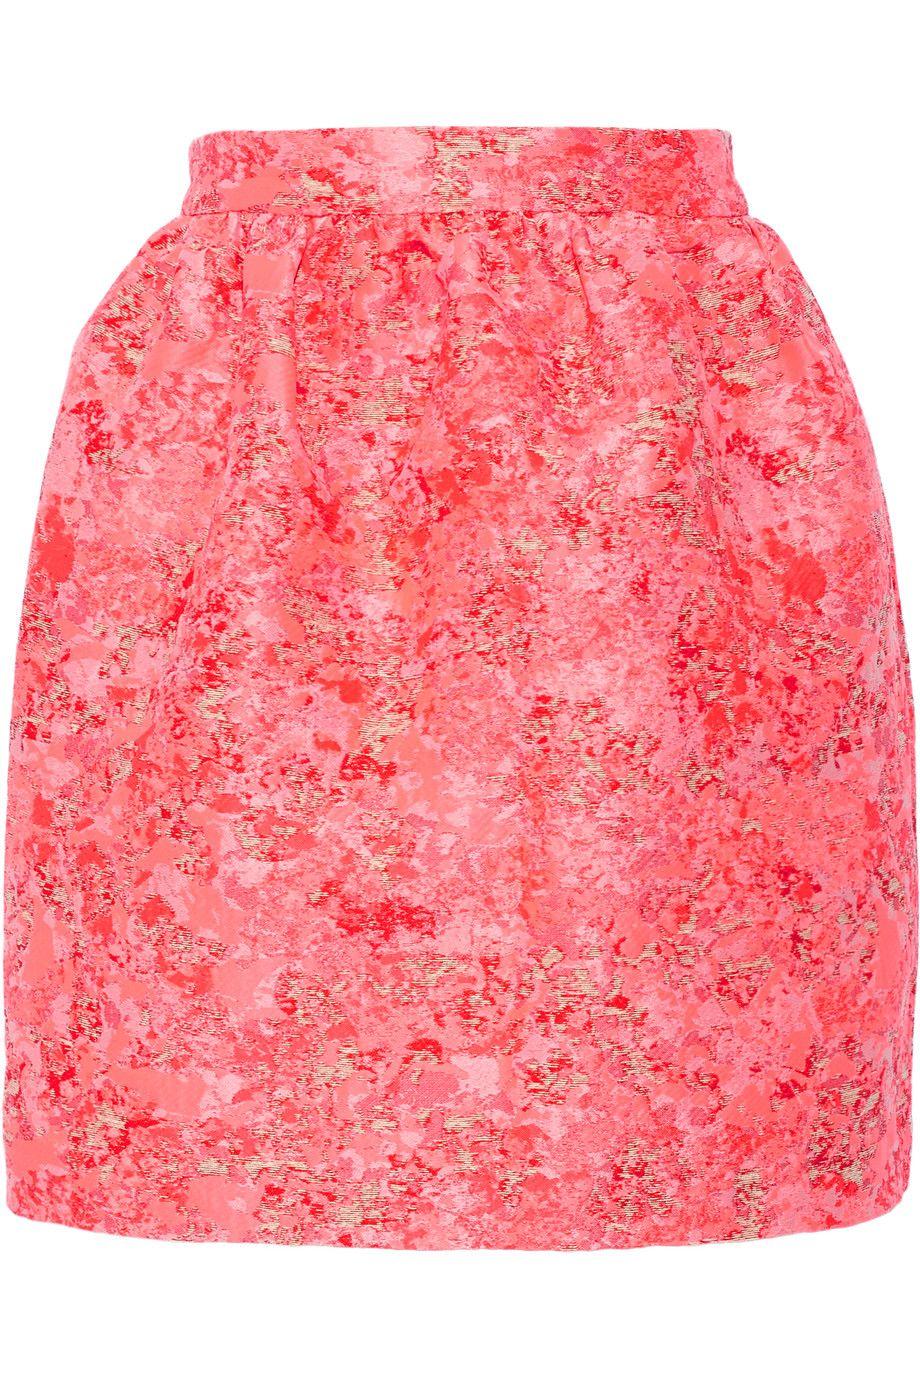 MARKUS LUPFER Vivian jacquard mini skirt. #markuslupfer #cloth #skirt